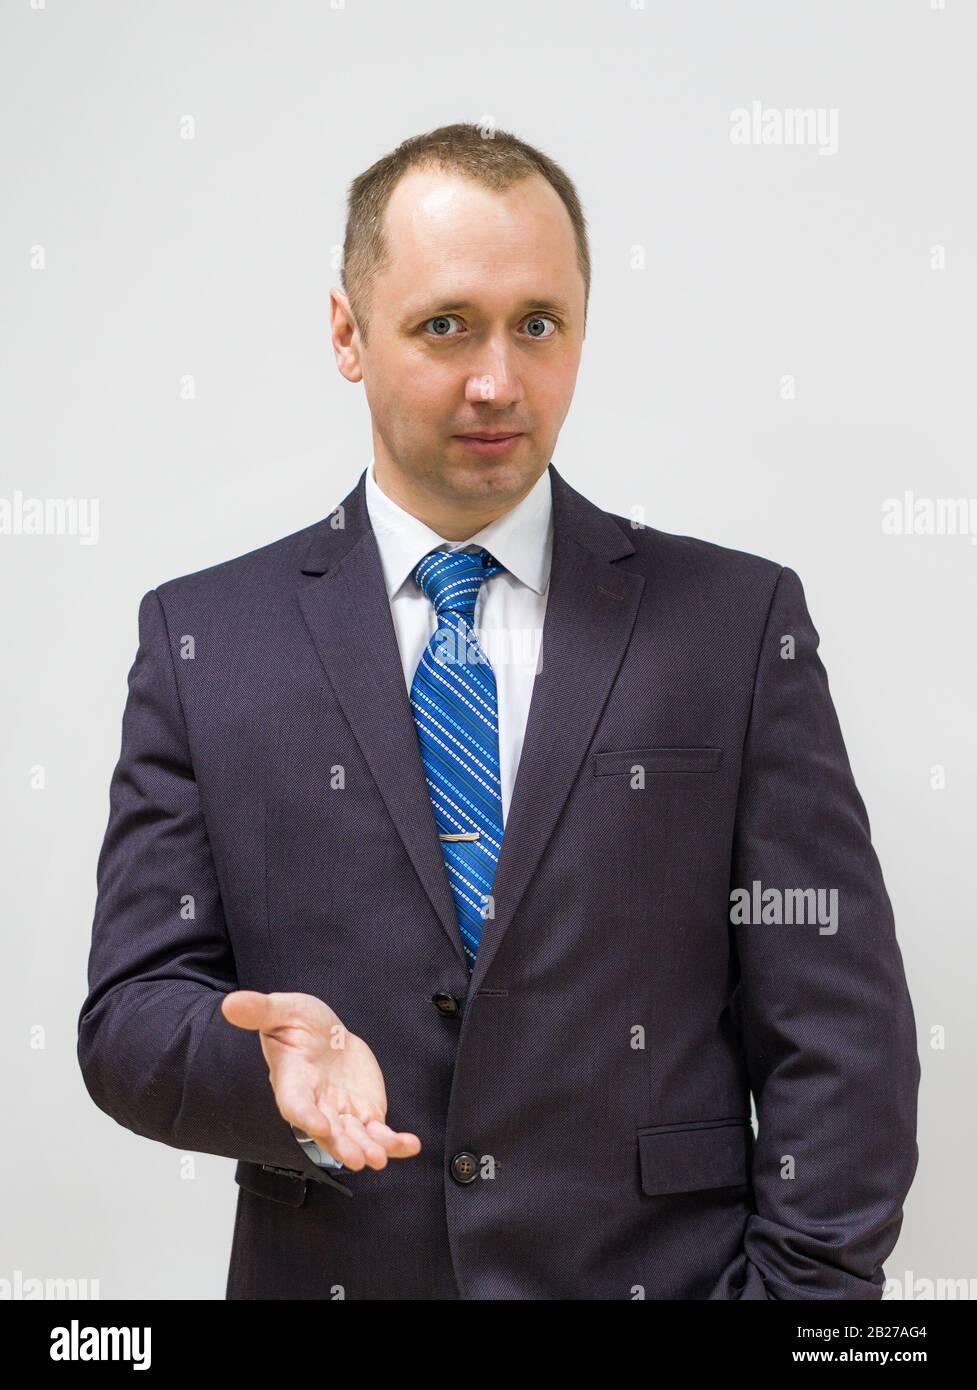 ritratto di un uomo d'affari sicuro, risoluto e di successo con un vestito grigio e cravatta blu Foto Stock